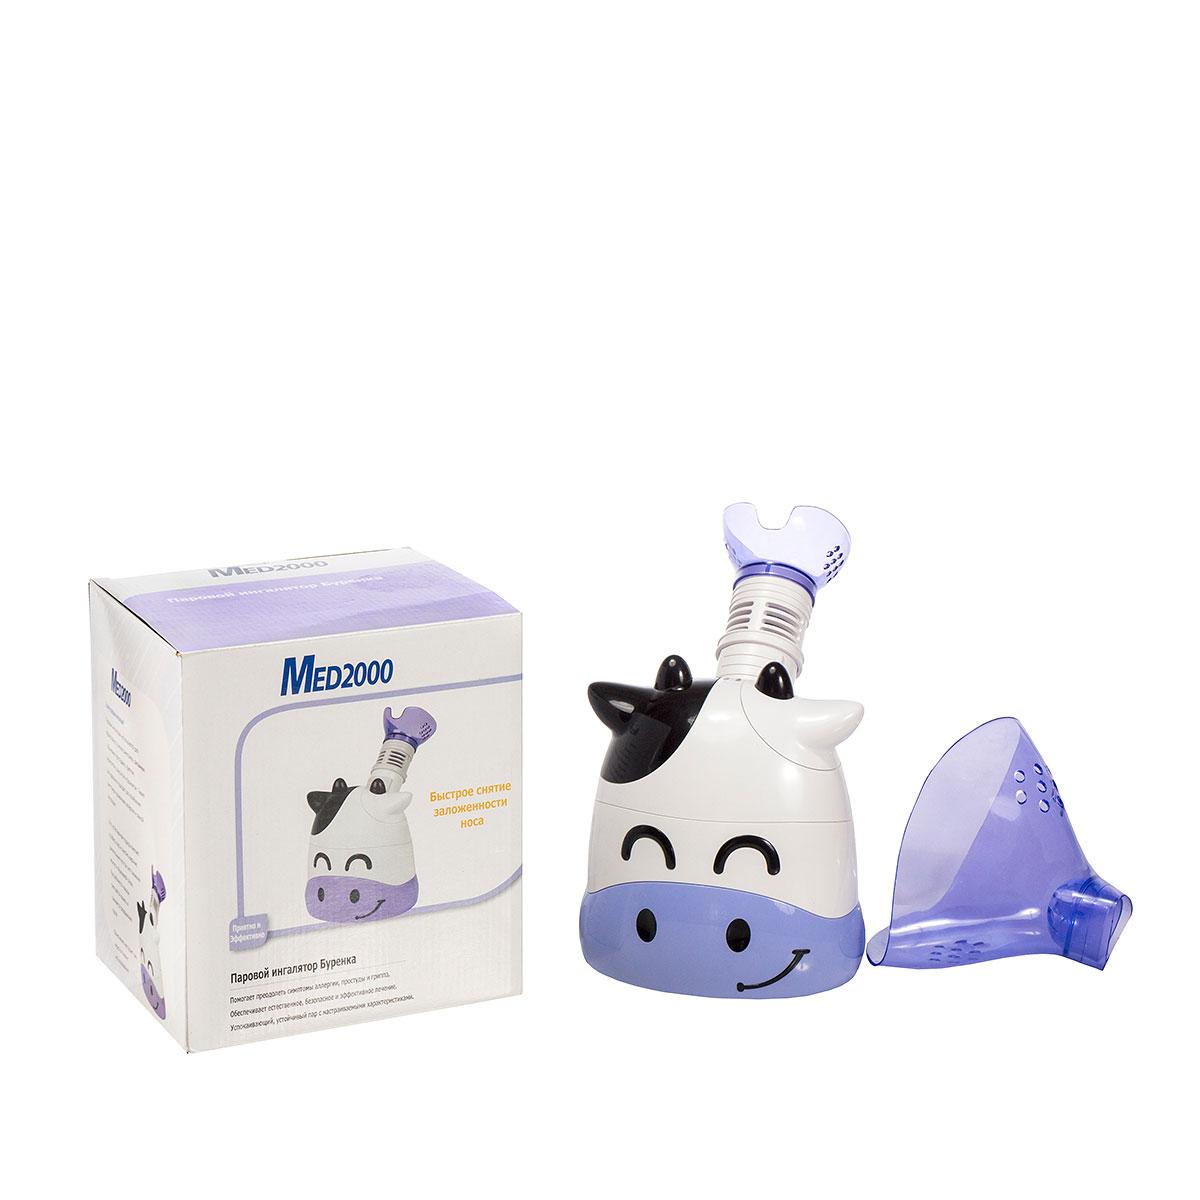 MED 2000 Ингалятор паровой SI 02 Cow (Буренка)0001517В комплект входит:- ингалятор MED - 2000 SI 02- маска для ингаляций- маска для косметологических процедур- инструкция по применениюТехнические характеристики ингалятора парового Буренка:- напряжение 220 – 240В- объем резервуара нагревателя 20 мл- объем резервуара для раствора 80 мл- время работа / пауза - 7 мин/1 мин- габариты 250х190х235 (мм)- вес 0,650 кгПаровой ингалятор Буренка - современный, эффективный, надежный прибор.Инструкция по применению прилагается на русском языке.Ингаляции можно проводить и взрослым, и детям, для этого дизайнеры придумали очень симпатичную Буренку, чтобы заинтересовать детей. Ведь дети чаще всего подвергаются простудным заболеваниям, ингаляции помогут снять симптомы заболеваний дыхательной системы. Для ингаляций можно применять минеральную воду, травяные отвары и настои.Хороший эффект лечения дают травяные сборы - цветы липы, ромашки, хвою сосны, пихты, листья черной смородины, мяты перечной, шалфея и многие другие. Такие сборы оказывают противовоспалительное, противомикробное, антисептическое действие. Хорошо успокаивают, расслабляют мышцы, снимают раздражение слизистой, смягчают кашель. После проведения процедуры сразу наступает облегчение.Паровой ингалятор Буренка применяется для лечения и профилактики:- ОРЗ, ОРВИ- ларингите- бронхите- аллергии и других заболеваниях дыхательной системы- для косметологических процедурИнгалятор MED - 2000 SI 02 Буренка нагревает жидкость, преобразует ее в пар. Пар при дыхании попадает в верхние, средние отделы дыхательных путей. Пар имеет стабильную температуру, не вызывает ожогов, раздражения слизистой. Теплый пар нейтрализует негативное действие гистамина, убивает болезнетворные микробы, бактерии. Ингалятор оснащен регулятором распыления жидкости, который позволяет регулировать размеры частиц пара, чем меньше частицы пара, тем глубже они проникают в дыхательные пути.